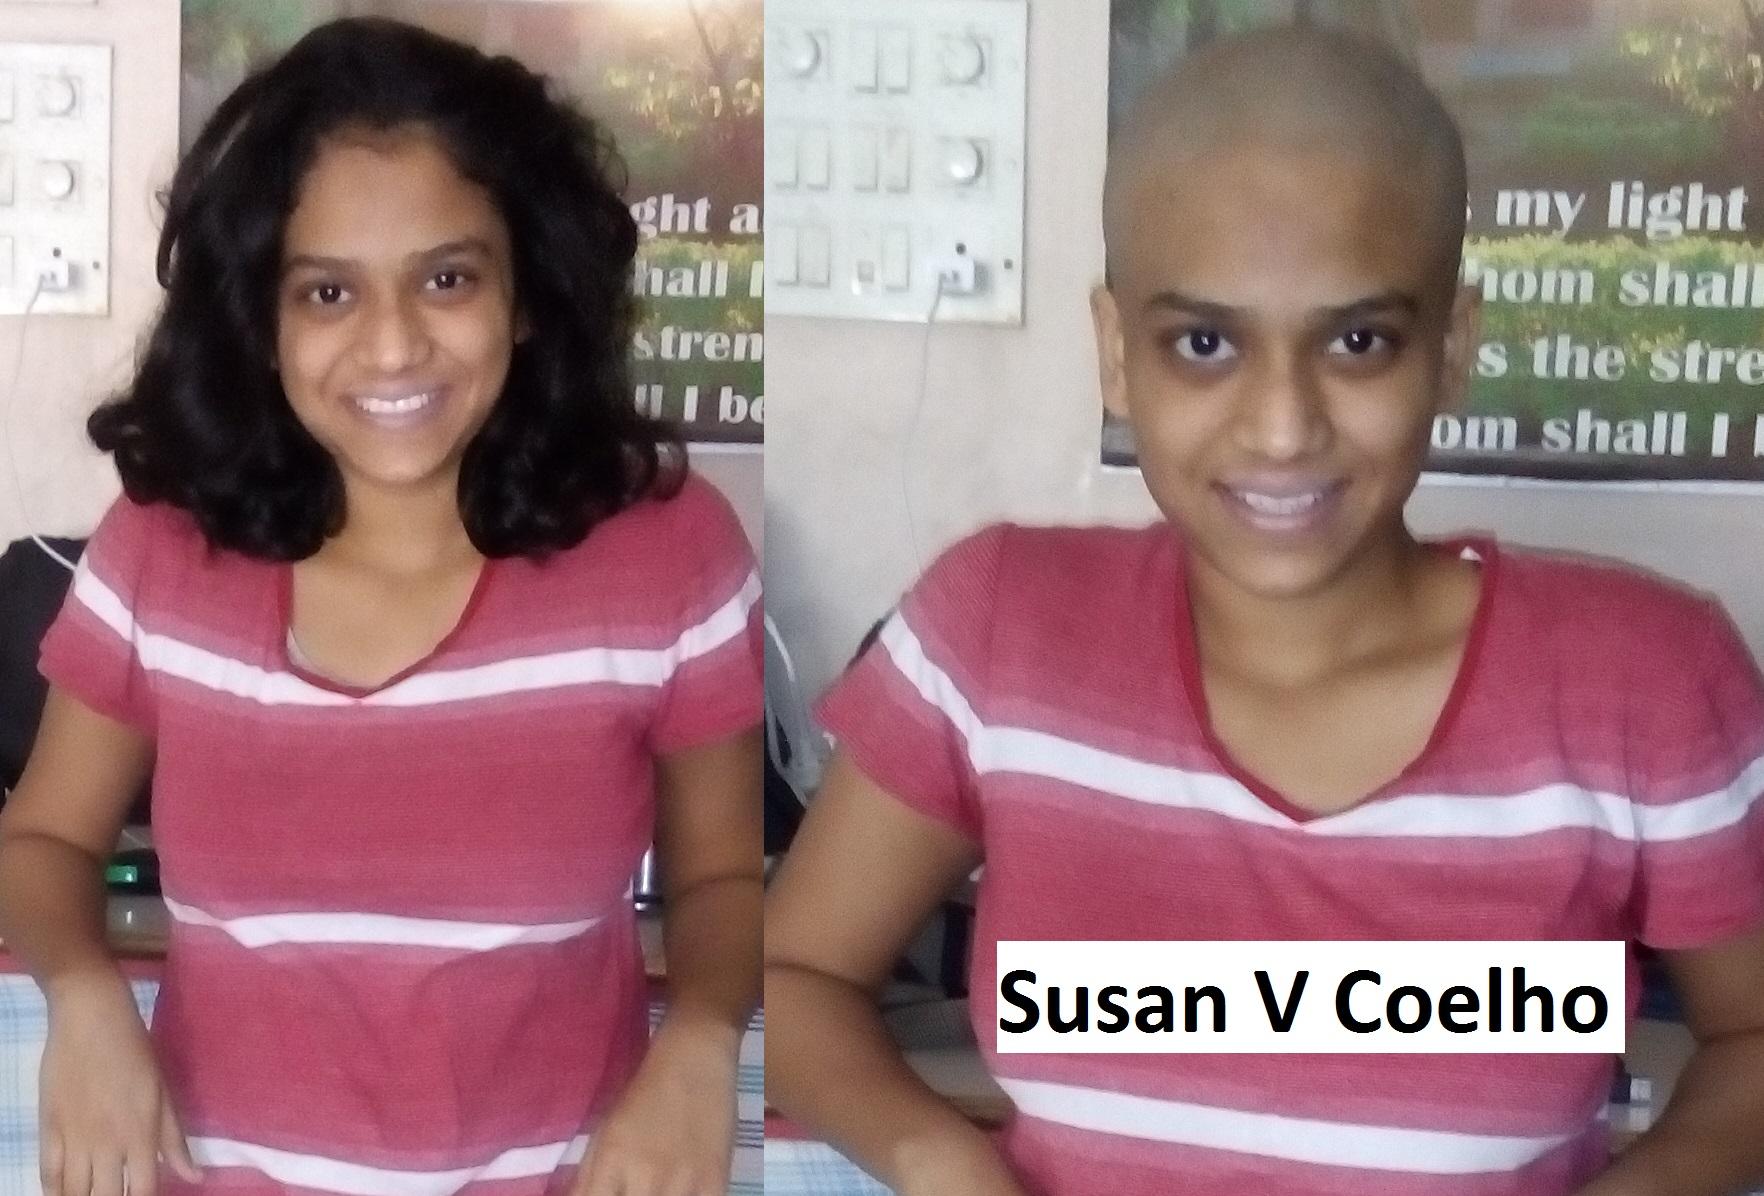 Susan V Coelho